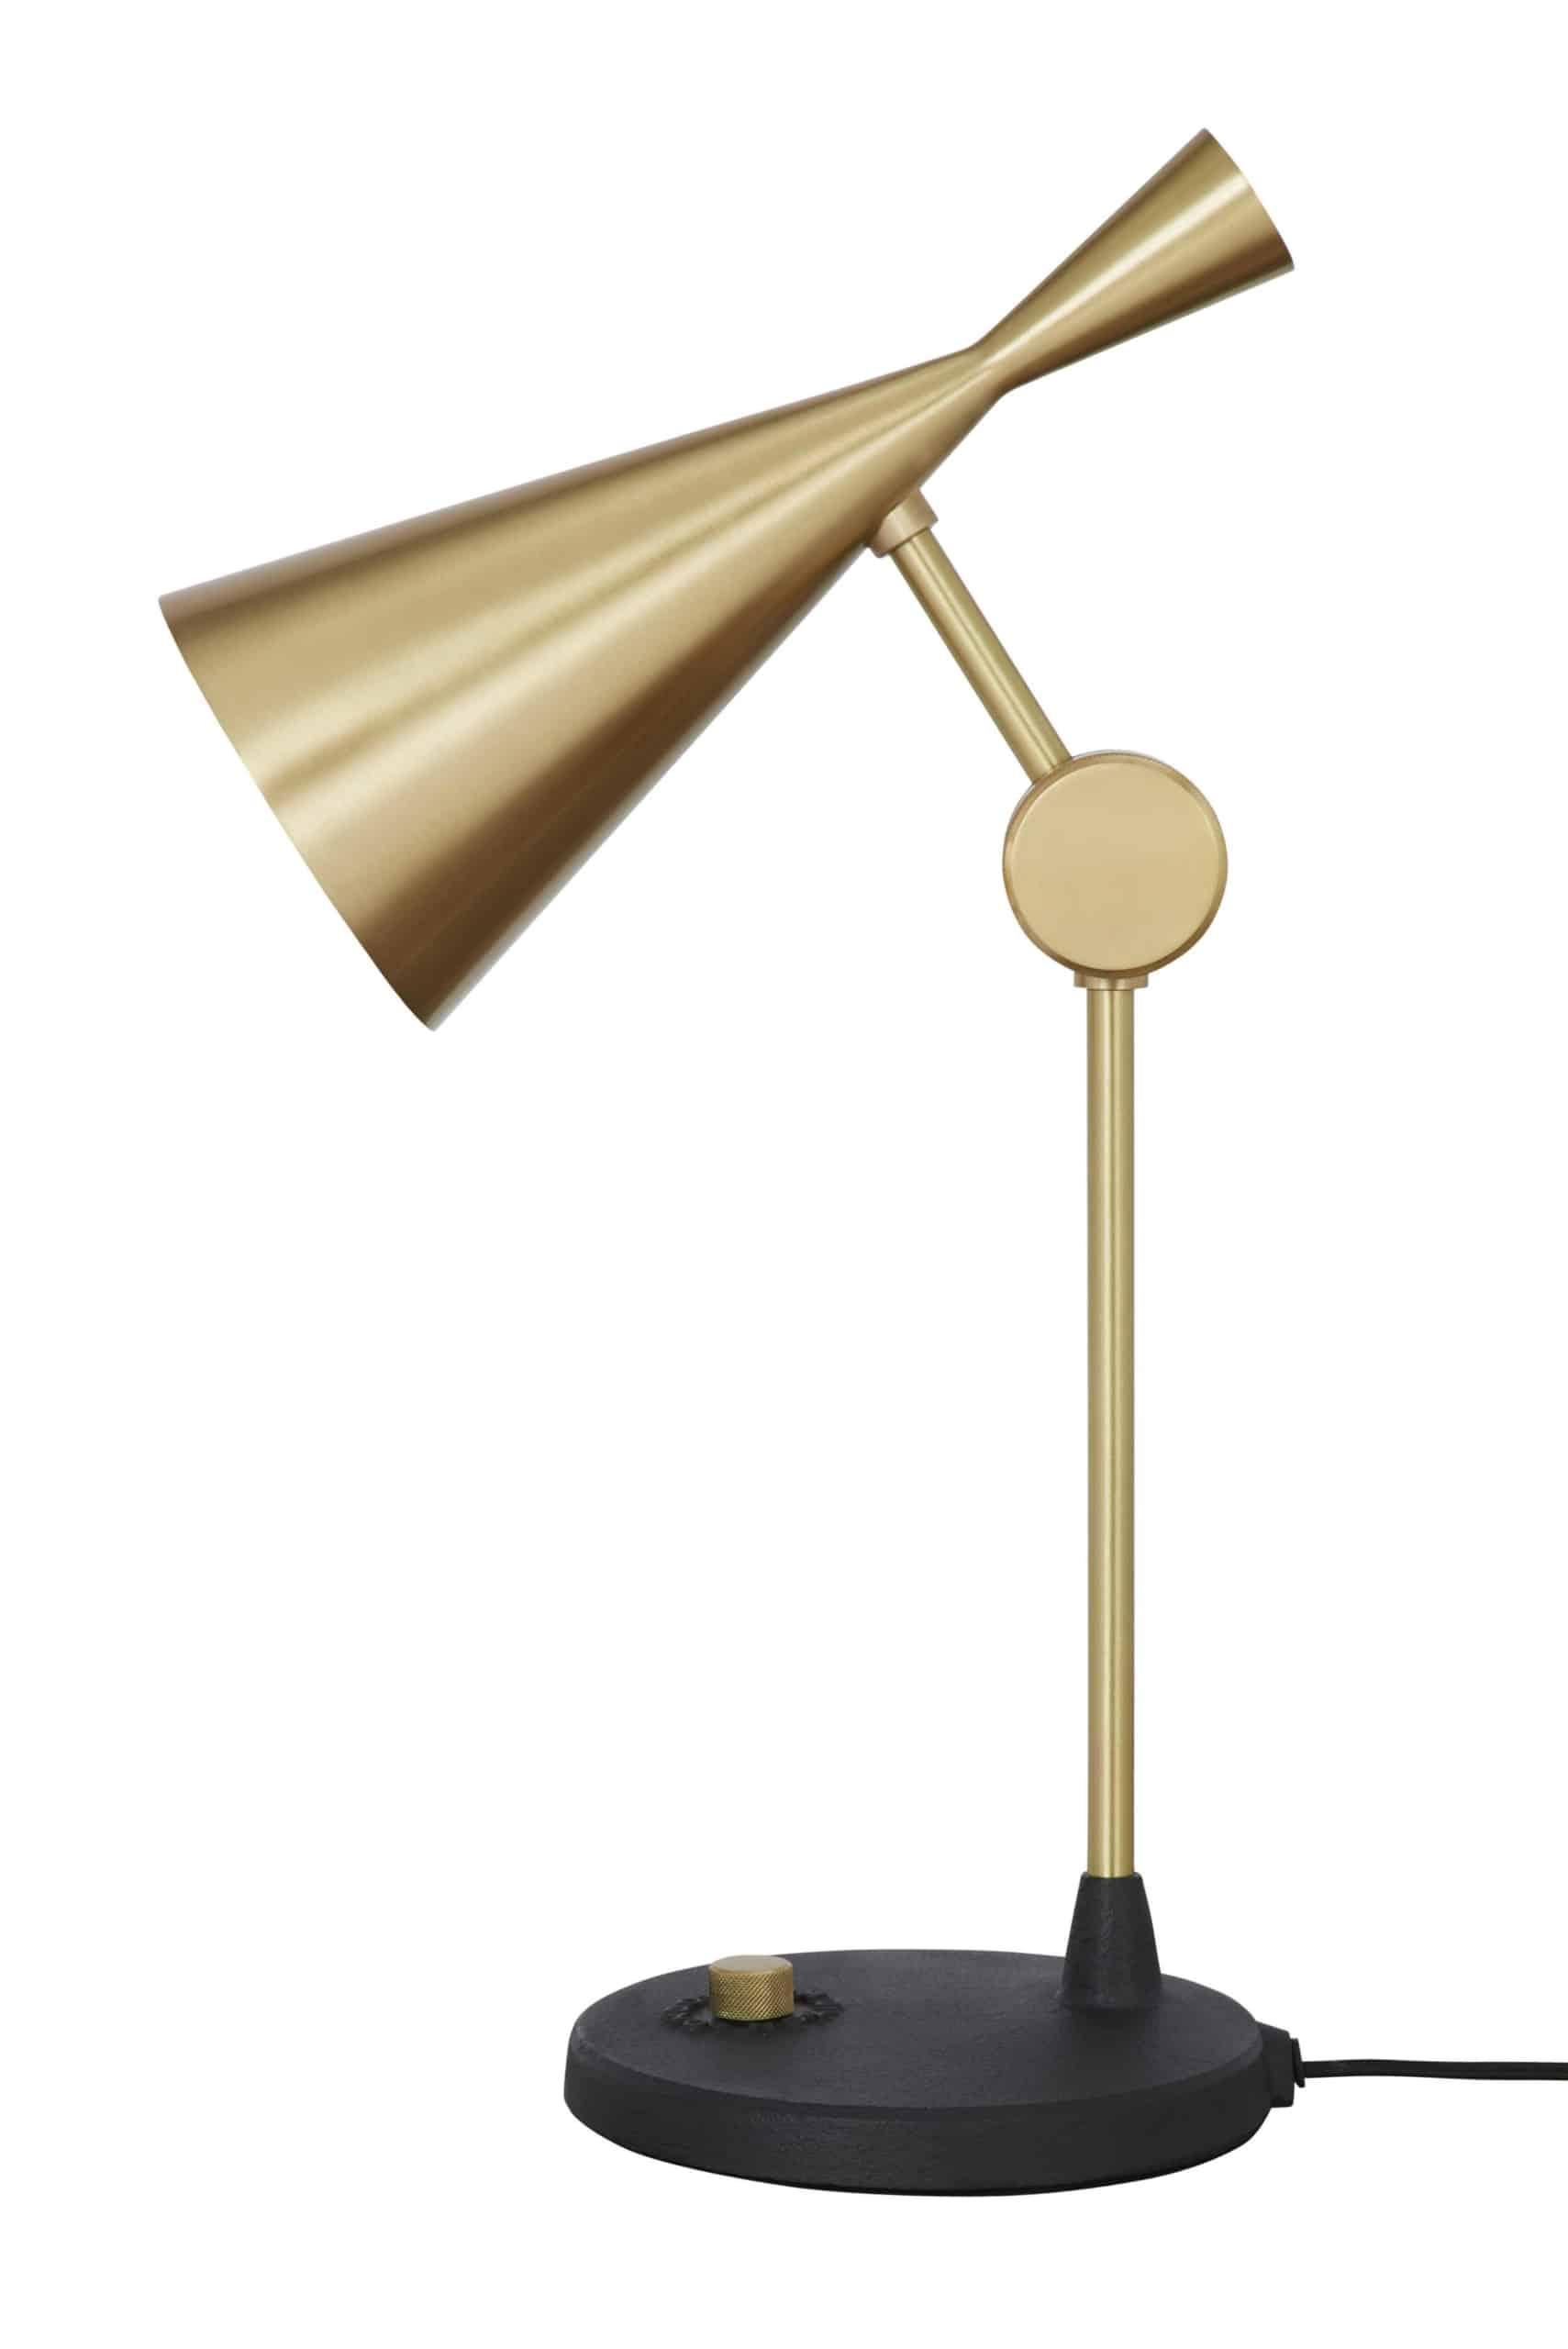 Bordlampen fra serien Beat Light fra Tom Dixon fås i sort eller børstet messing. Lampen har et harmonisk og slankt udtryk.